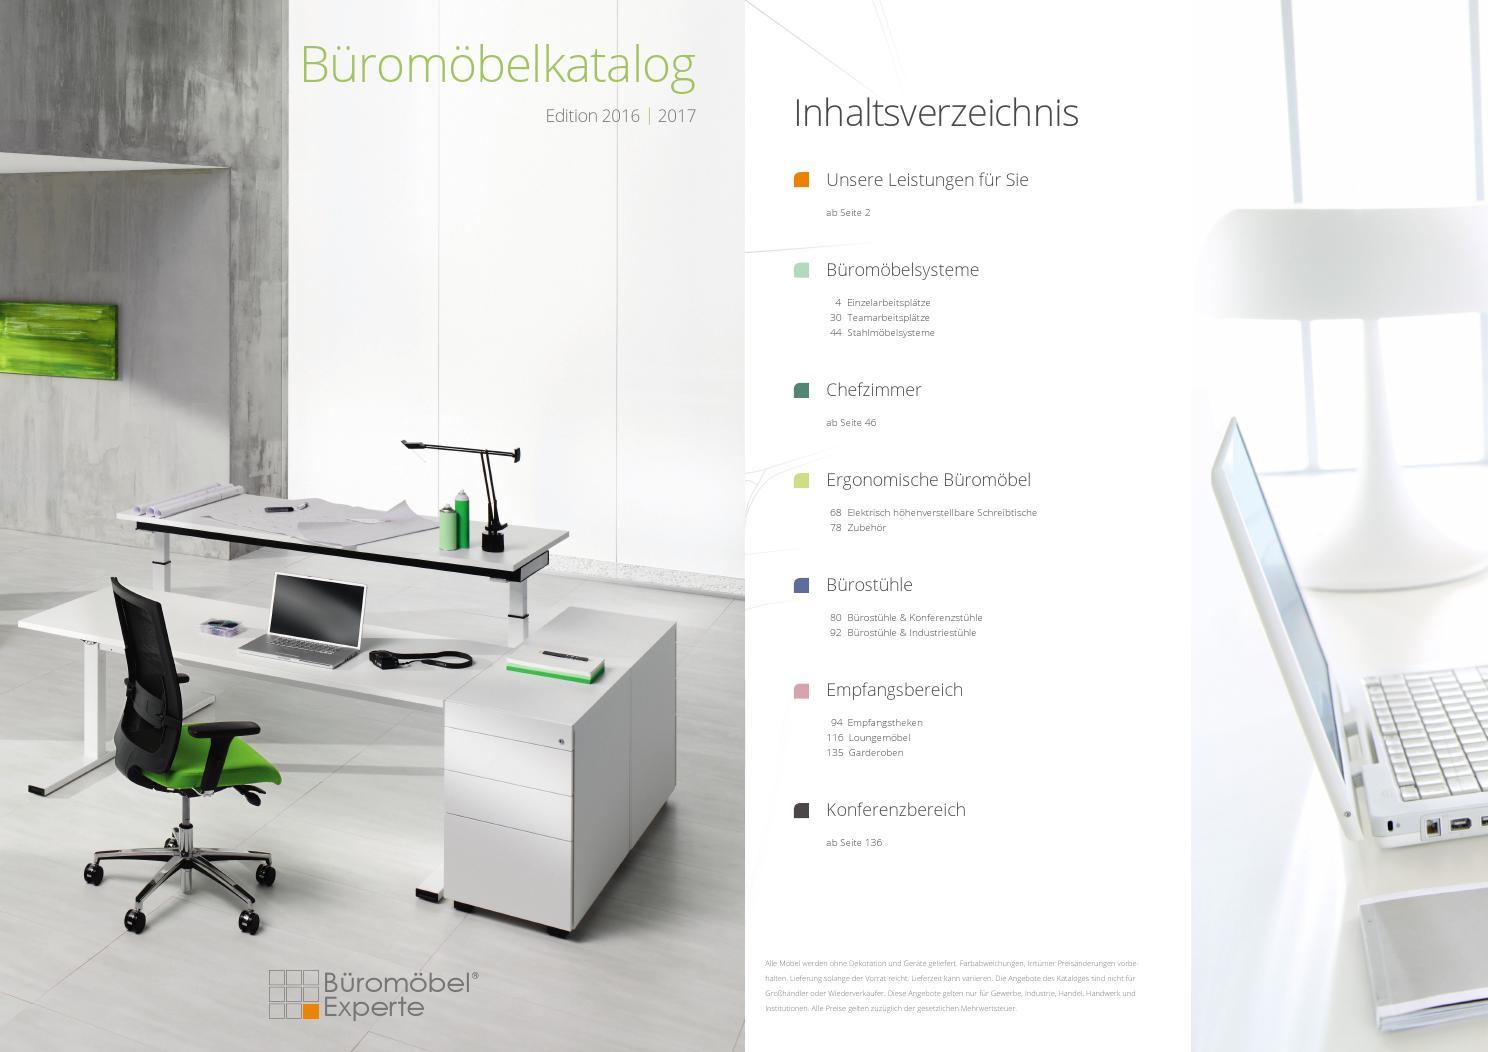 Schön Buromobel Neuss Galerie - Innenarchitektur-Kollektion ...